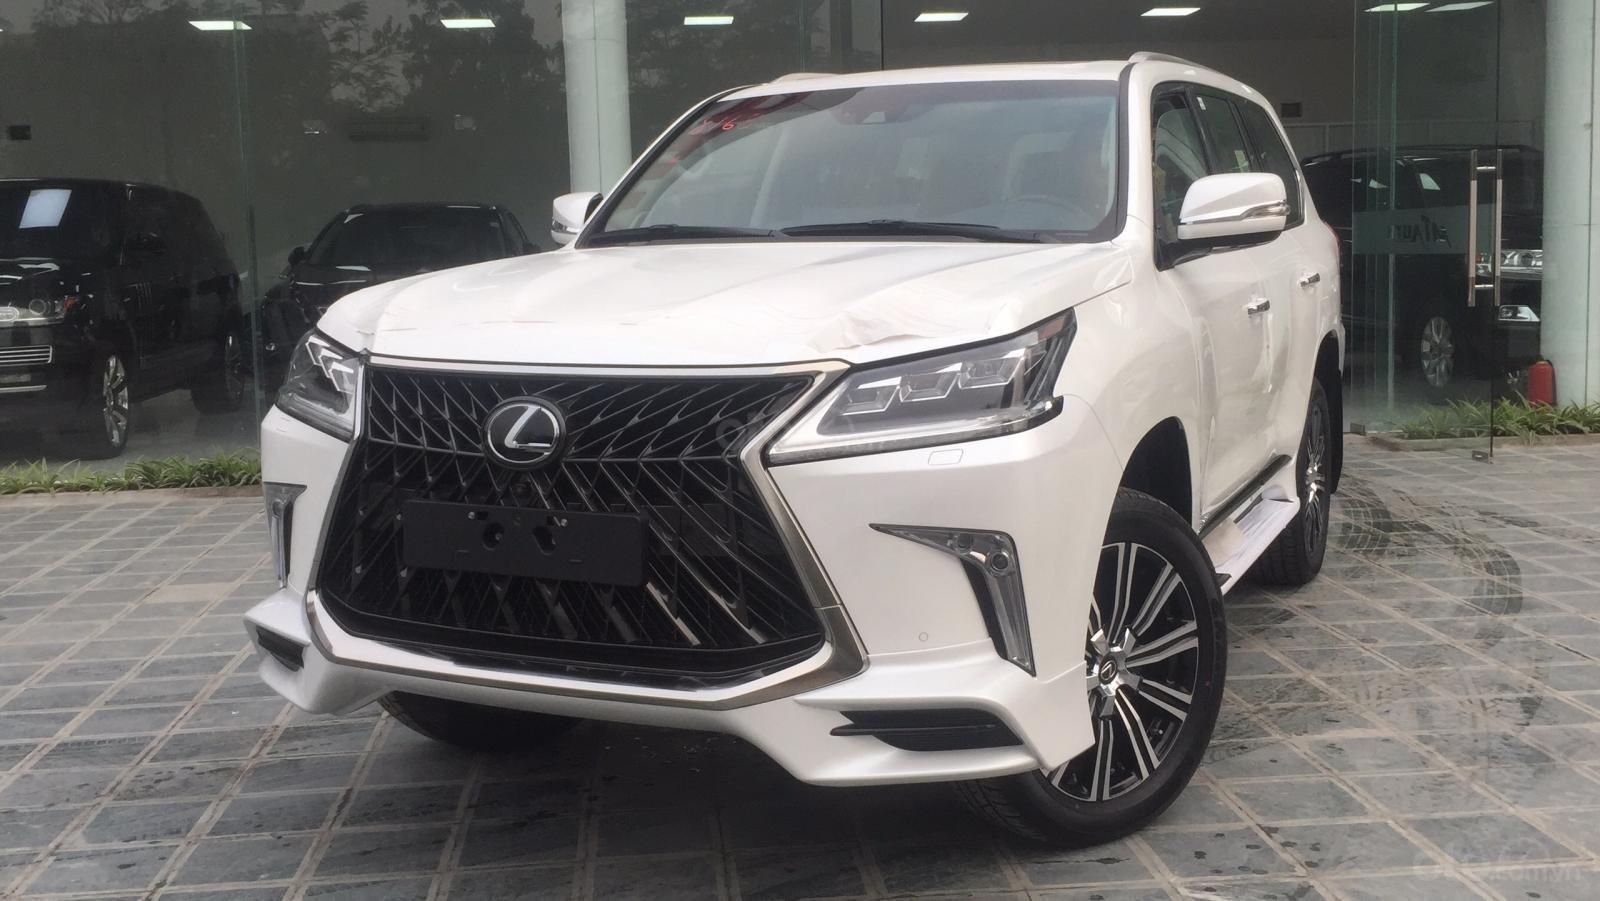 Bán xe Lexus LX 570s Super Sports SX 2019, màu trắng, nhập khẩu Trung Đông (2)